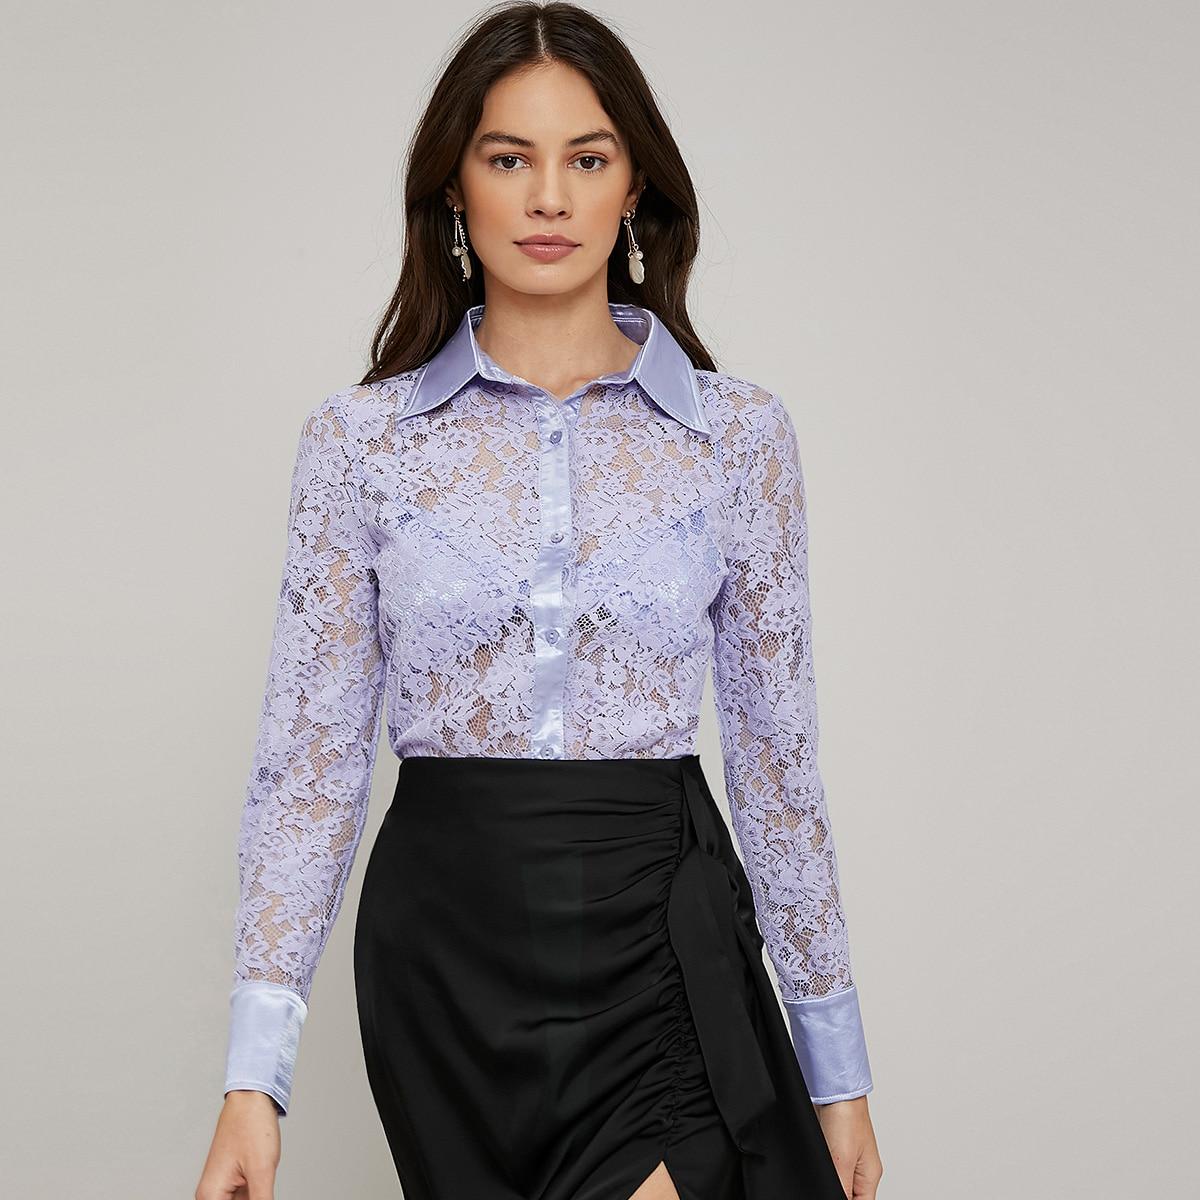 Кружевная блузка без бюстгальтера